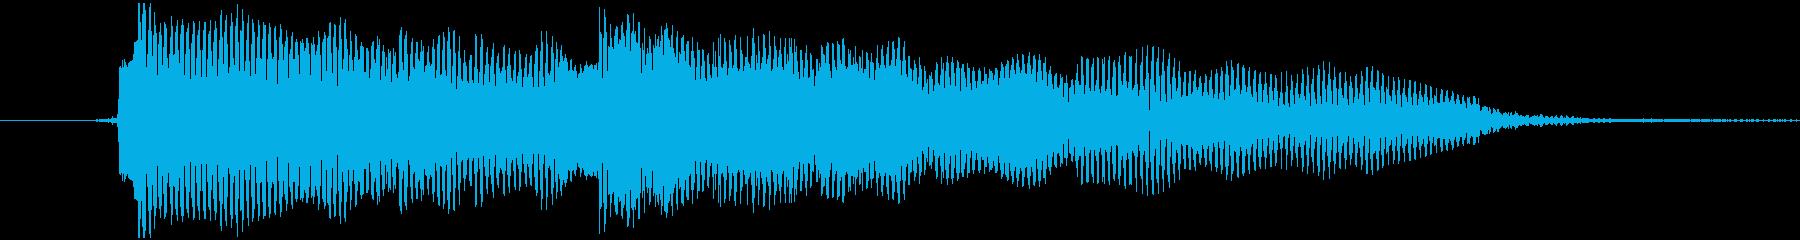 ゆったりしたテンポのサマーBGMの再生済みの波形